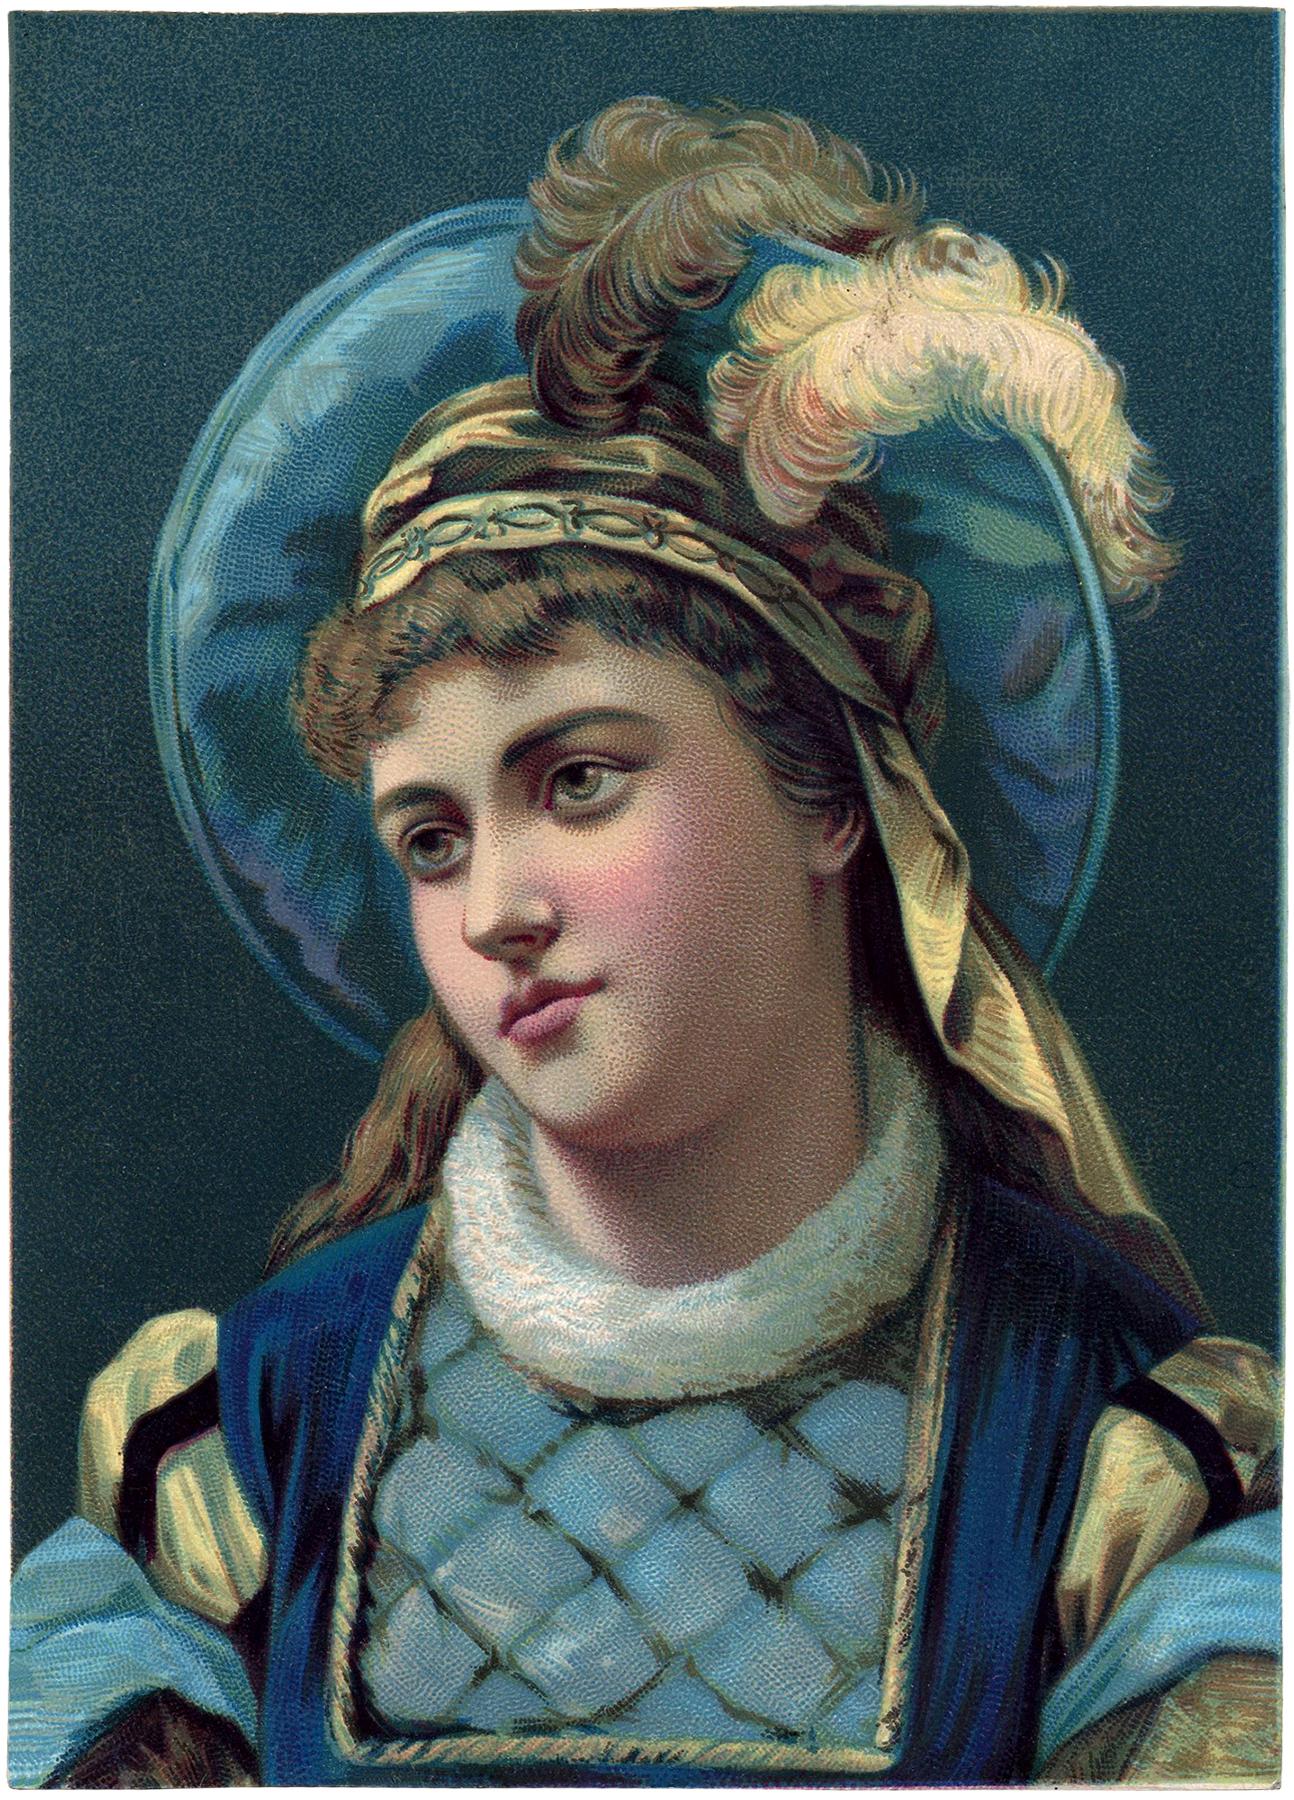 Vintage Medieval Lady Image